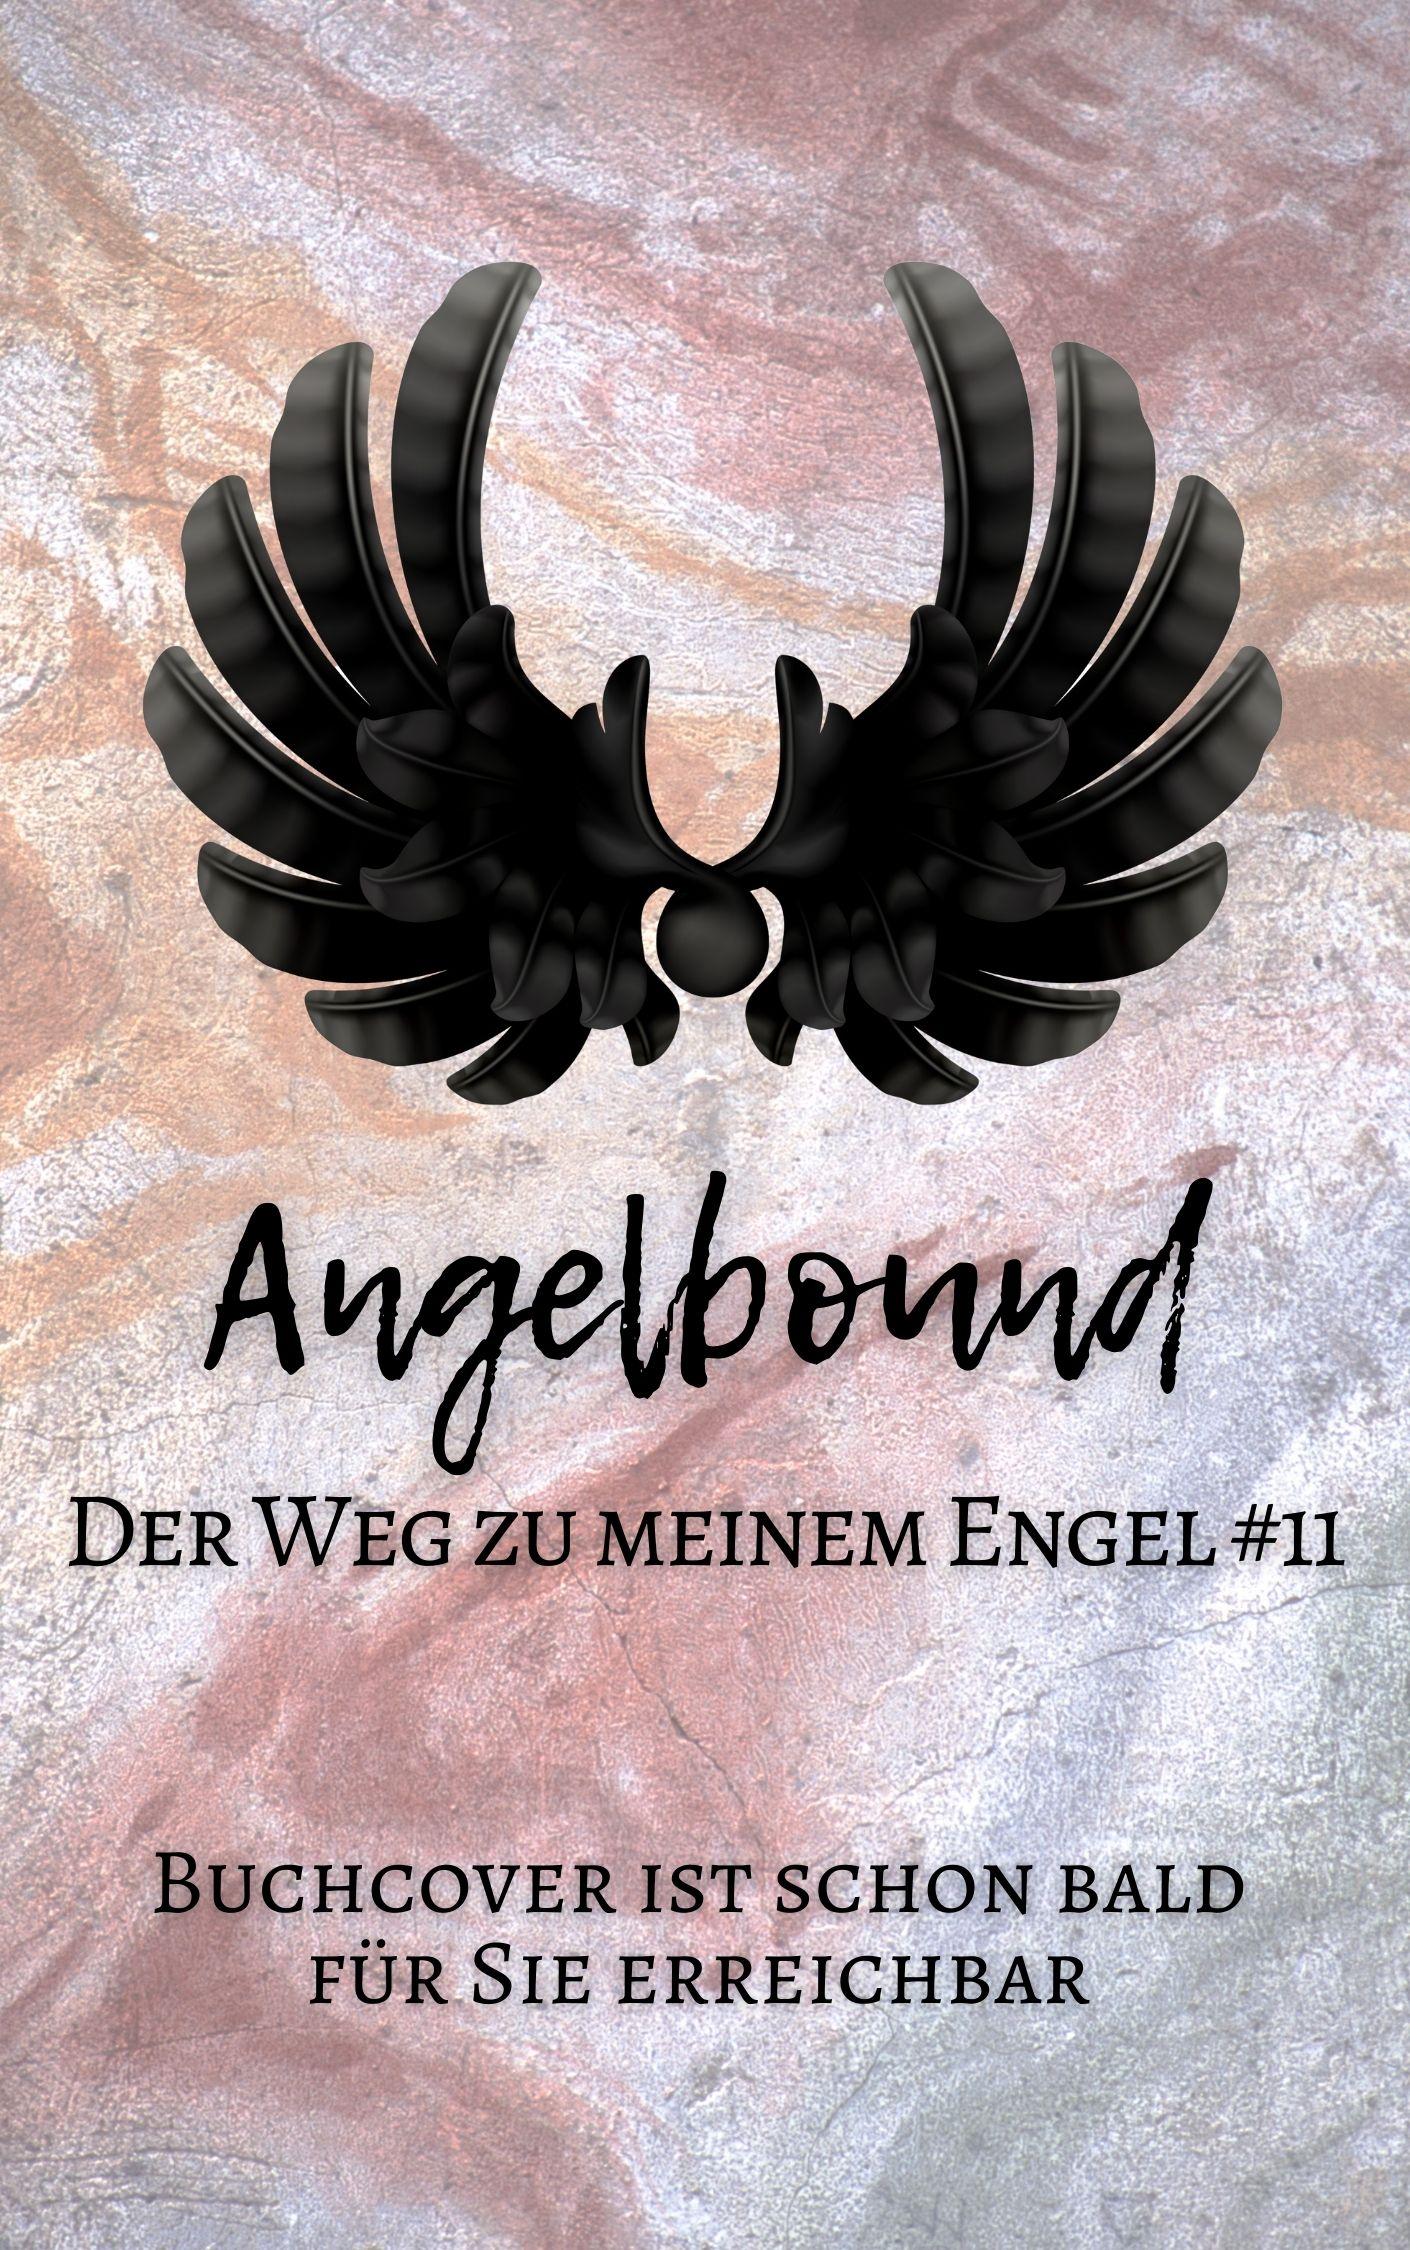 11 - Angelbound